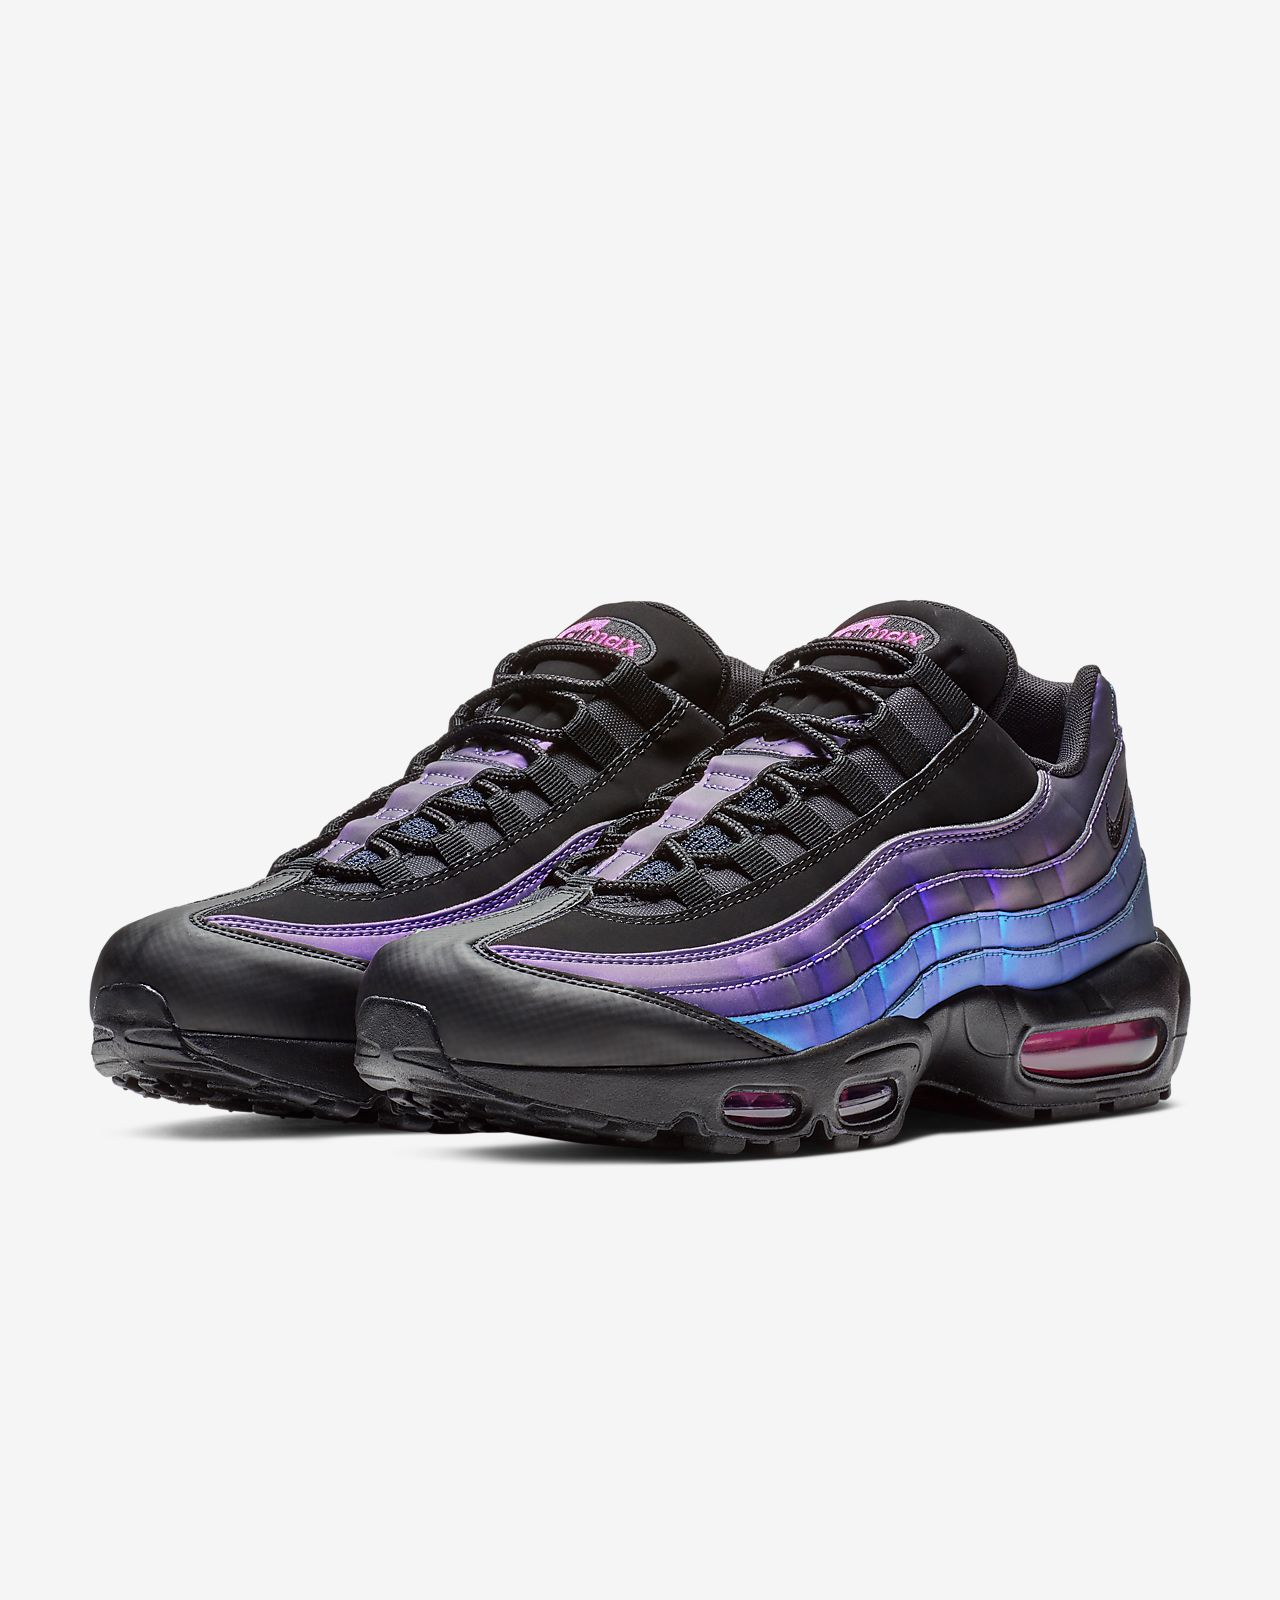 scarpe nike air max plus premium